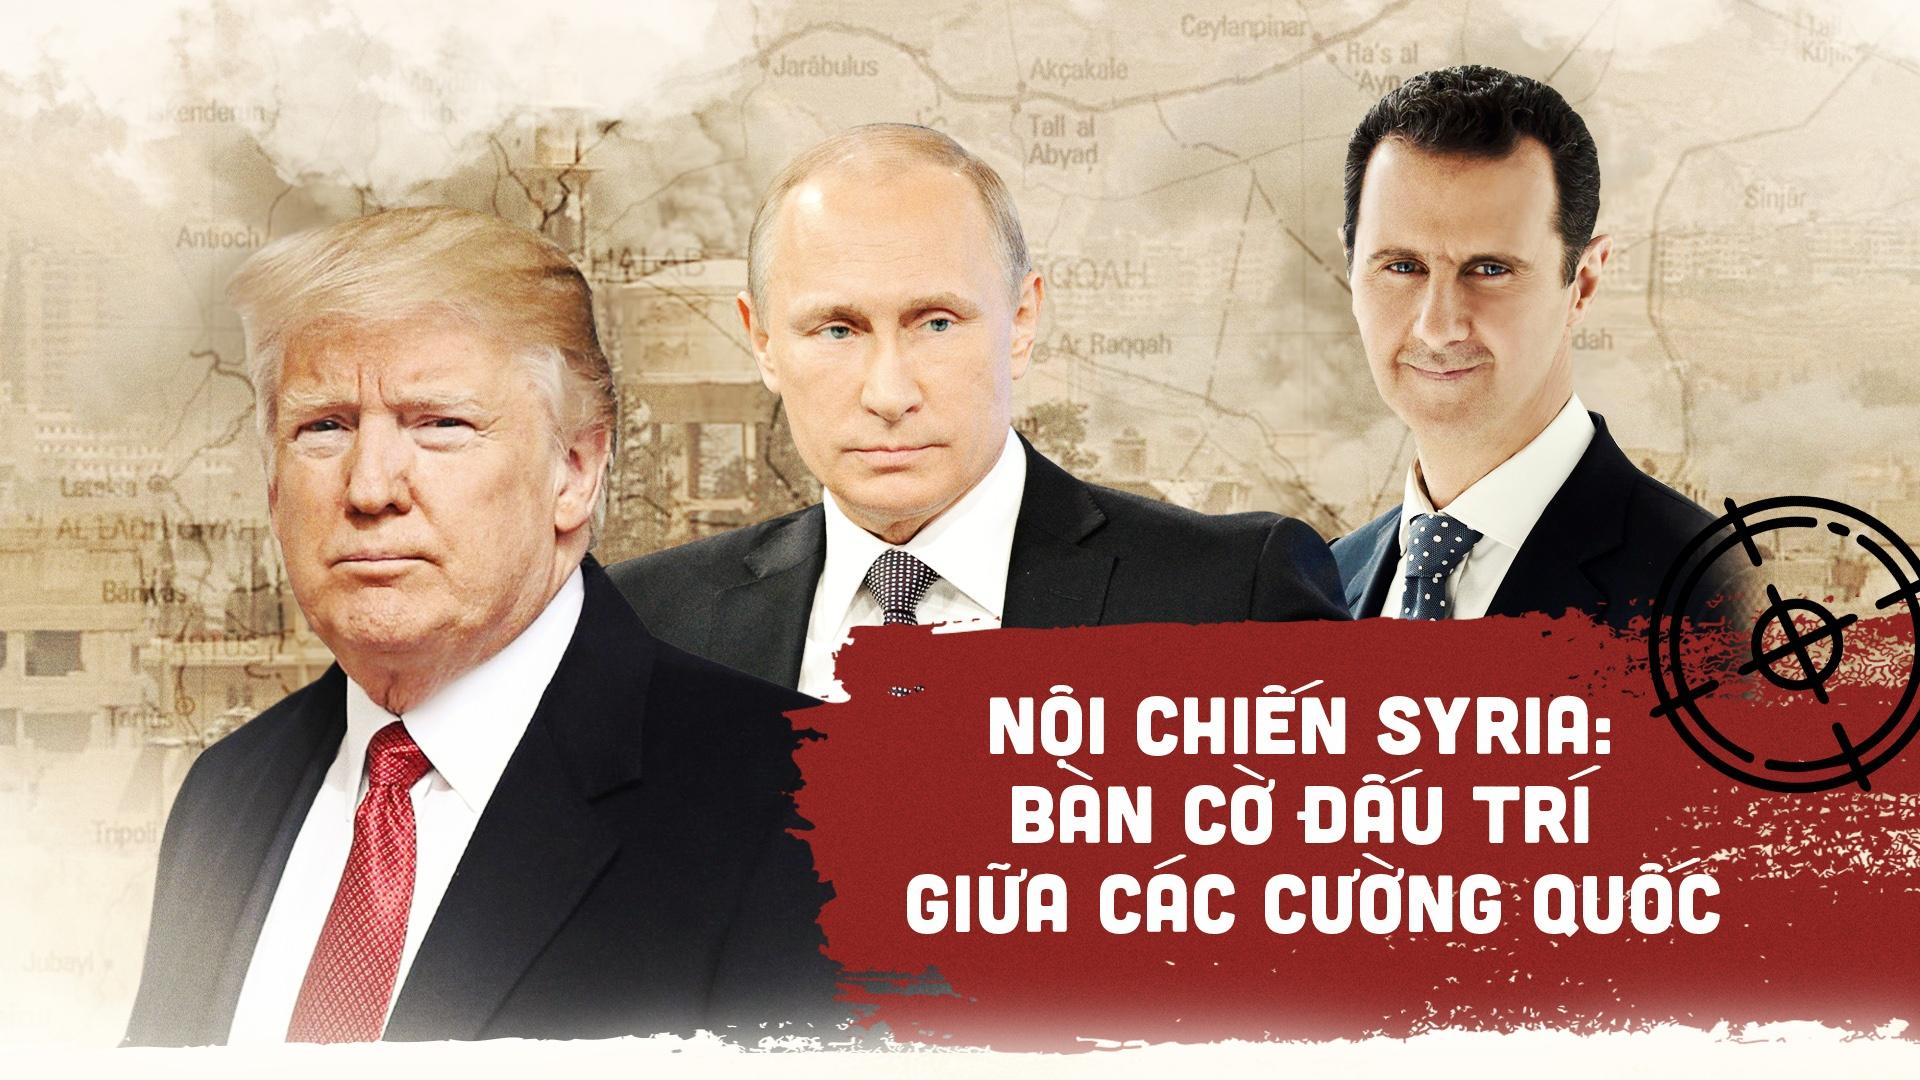 Noi chien Syria: Ban co dau tri giua cac cuong quoc hinh anh 2